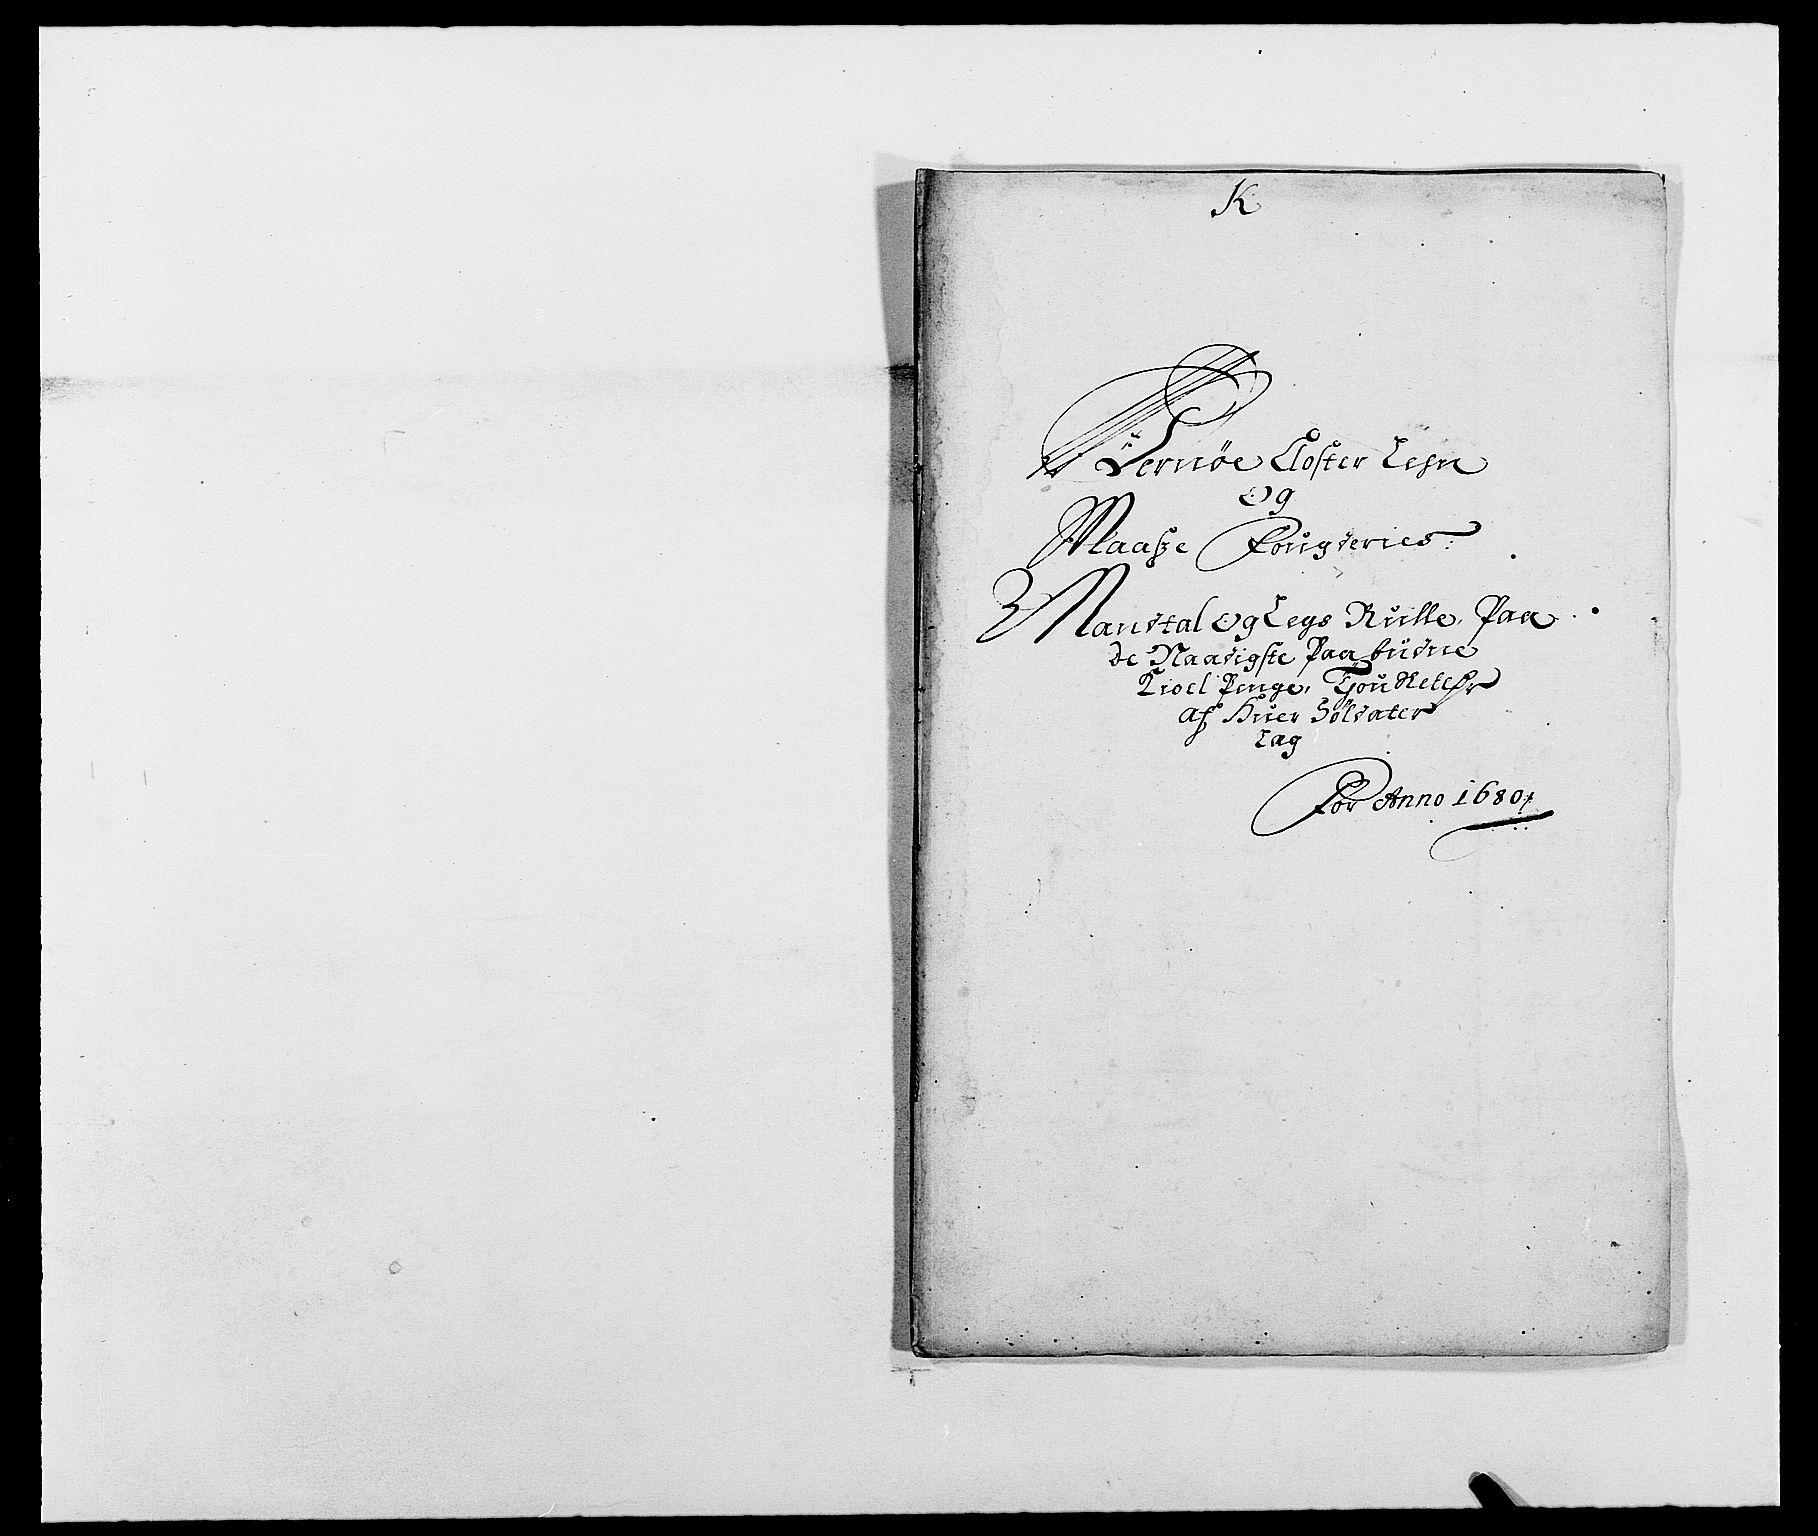 RA, Rentekammeret inntil 1814, Reviderte regnskaper, Fogderegnskap, R02/L0101: Fogderegnskap Moss og Verne kloster, 1680, s. 227